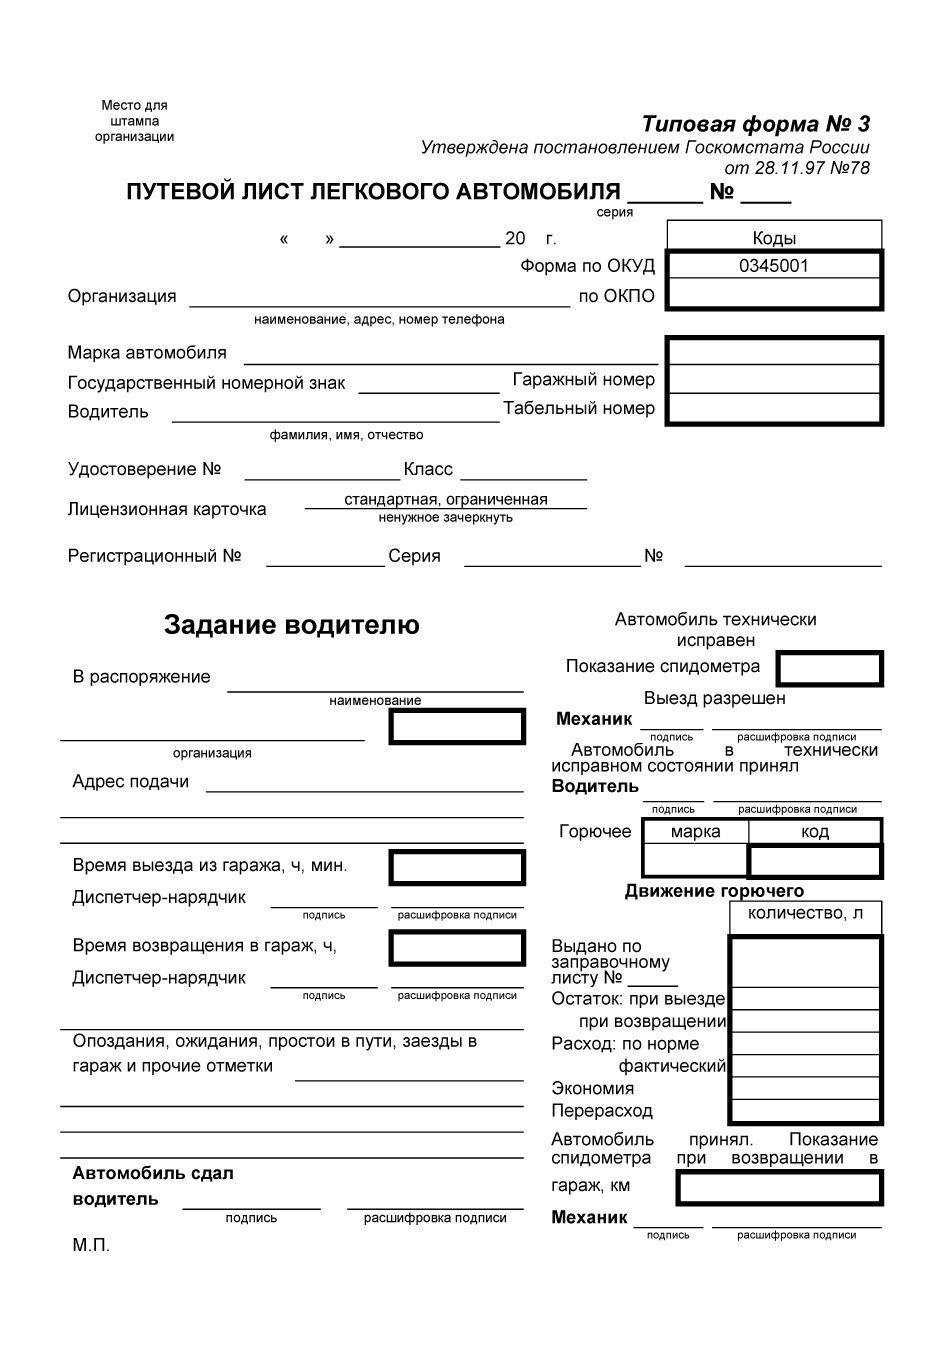 ПУТЕВОЙ ЛИСТ ЛЕГКОВОГО АВТОМОБИЛЯ ФОРМА 3 СКАЧАТЬ БЕСПЛАТНО